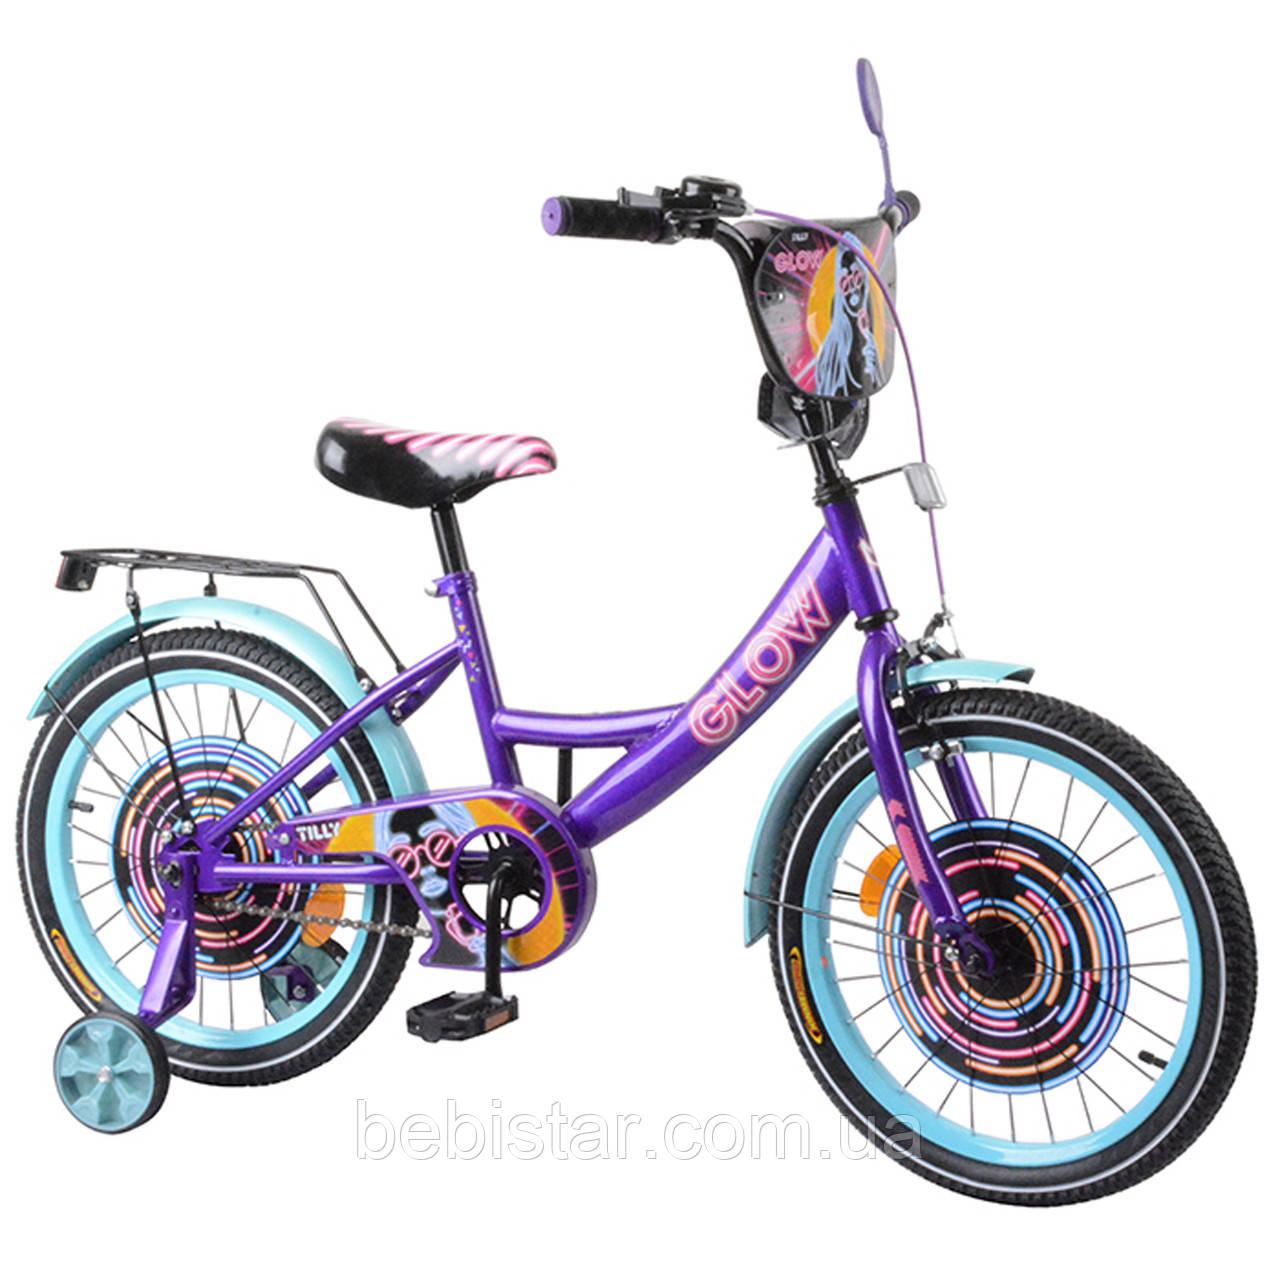 """Дитячий двоколісний велосипед фіолетовий TILLY Glow 18"""" передні гальма, дзвіночок для дітей 5-7 років"""